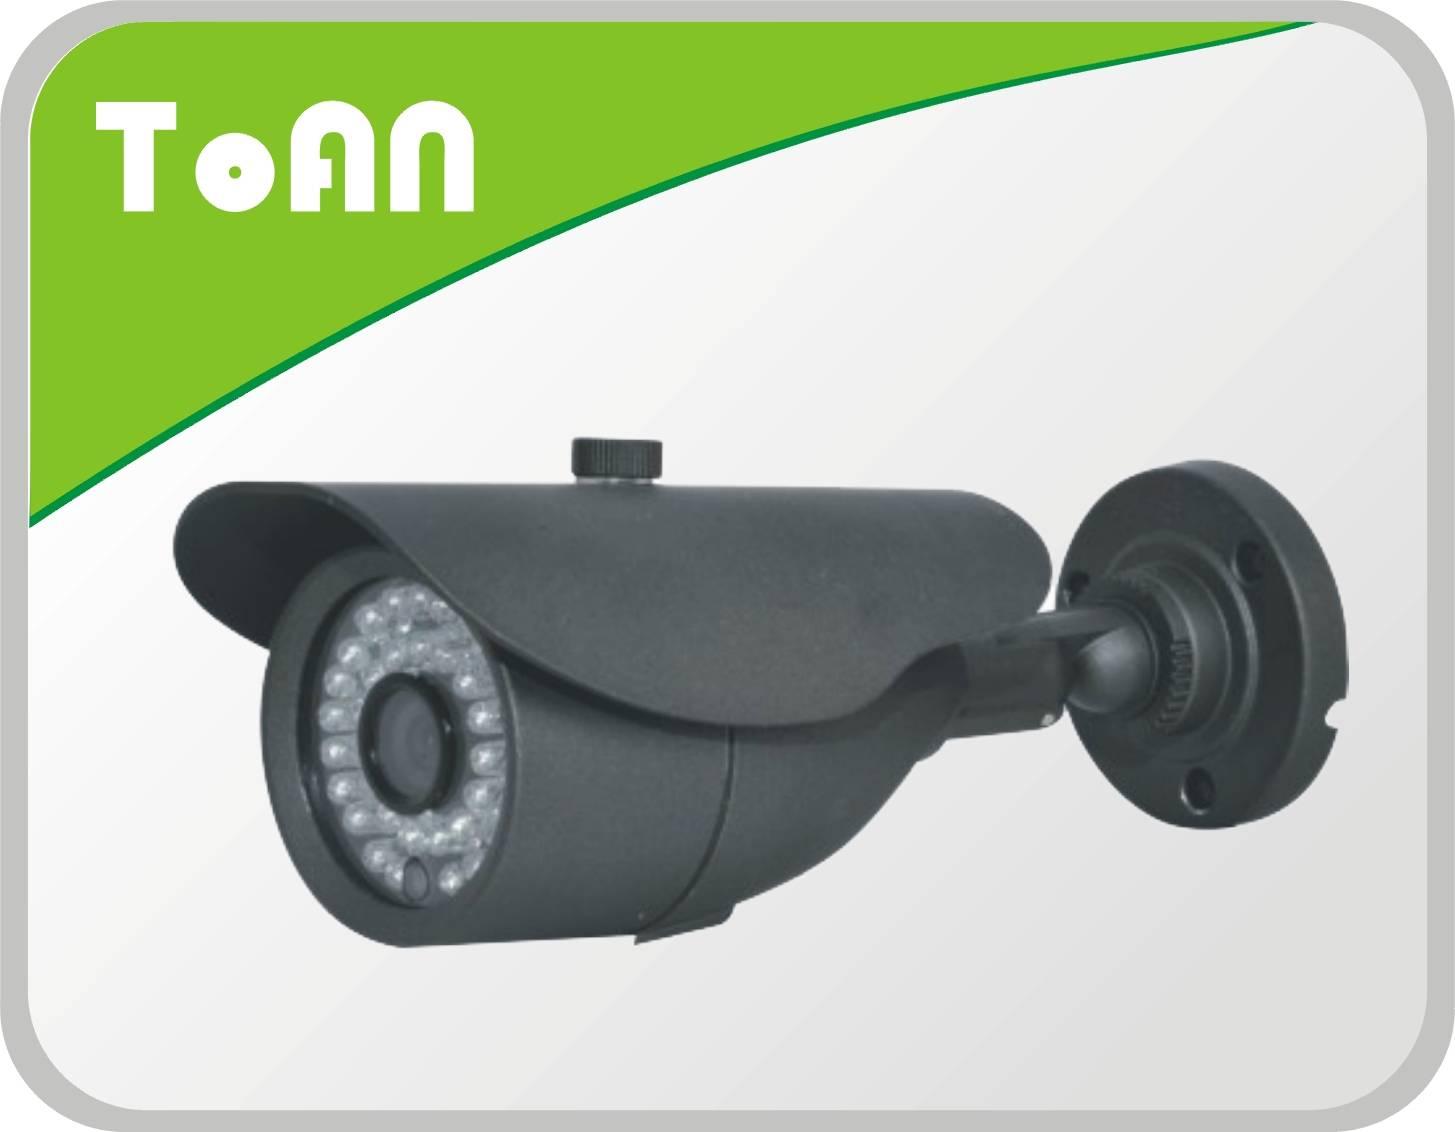 TOAN 1/3 sony ccd 600/420tvl bullet camera hd bullet camera  bullet camera 600tvl